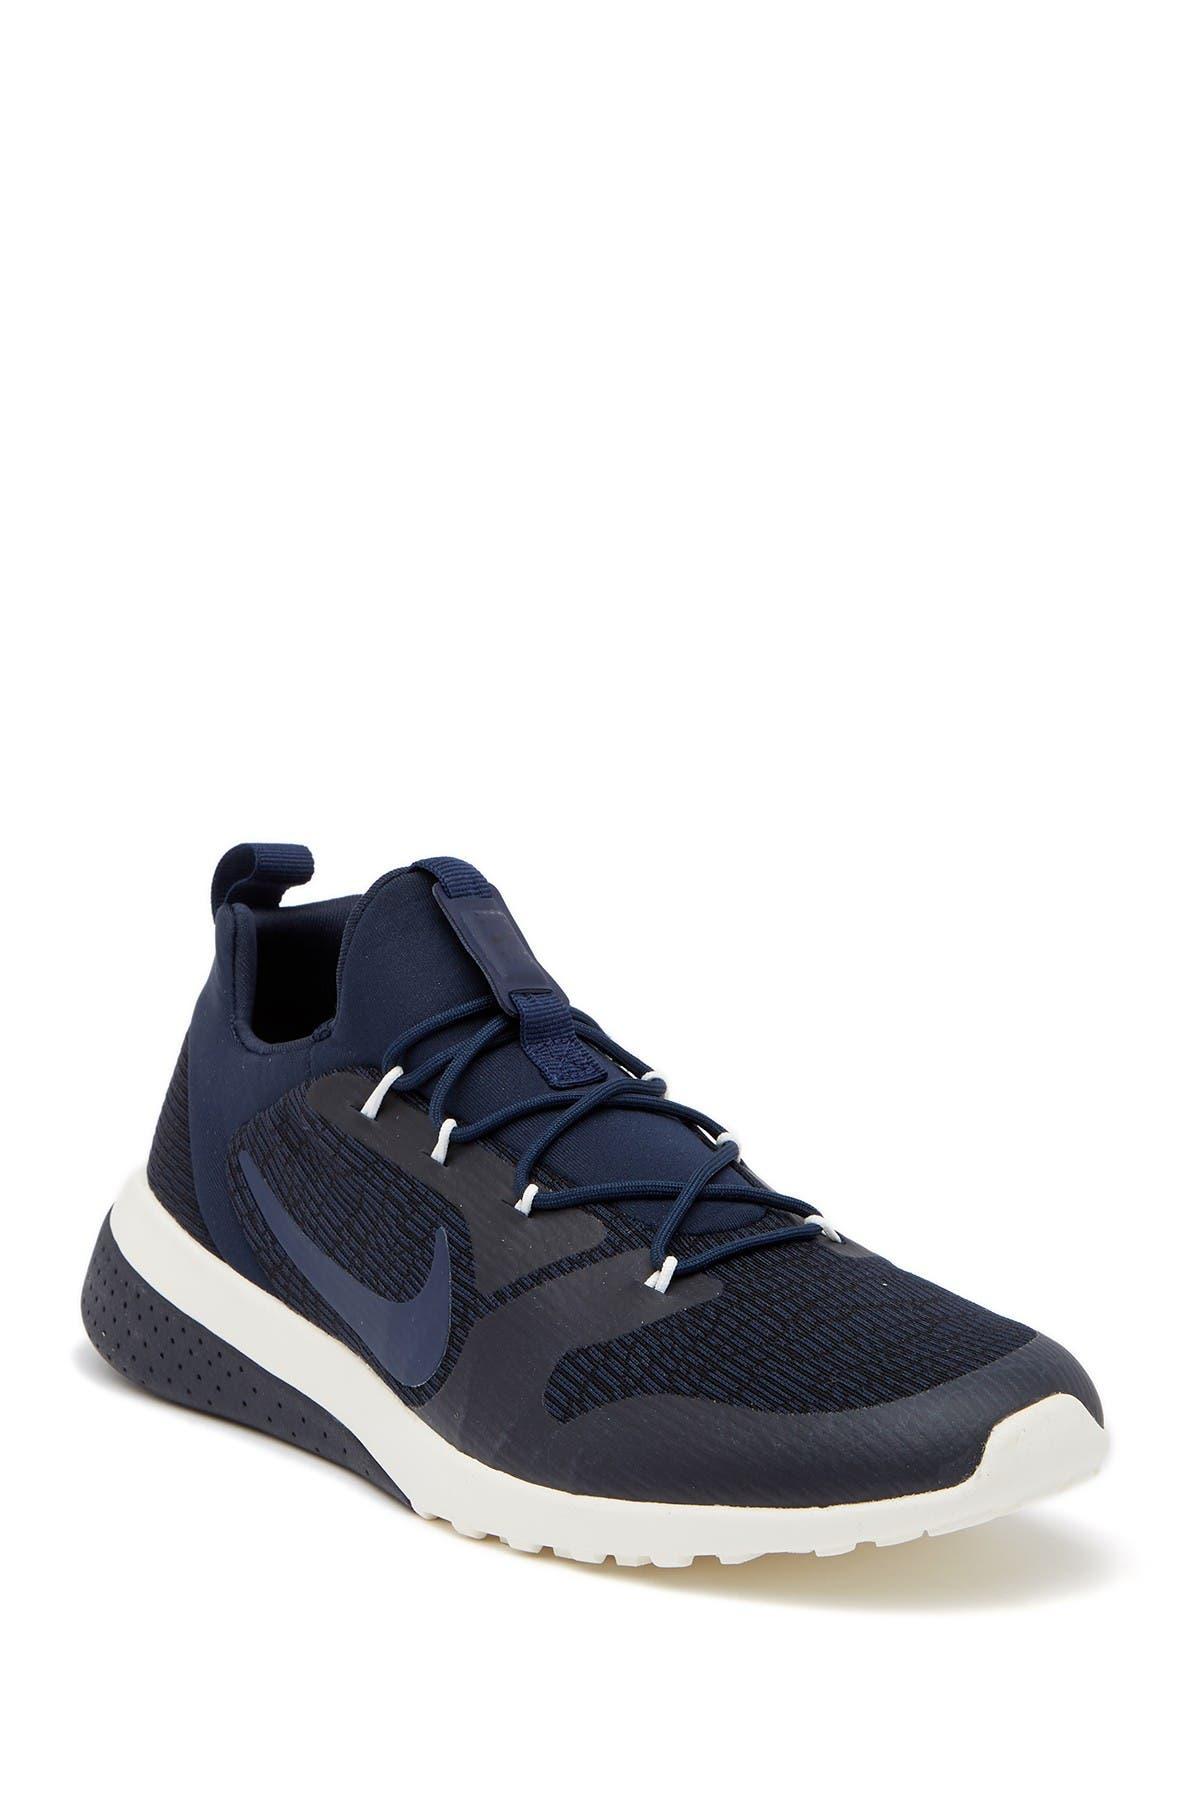 Nike   CK Racer Sneaker   Nordstrom Rack